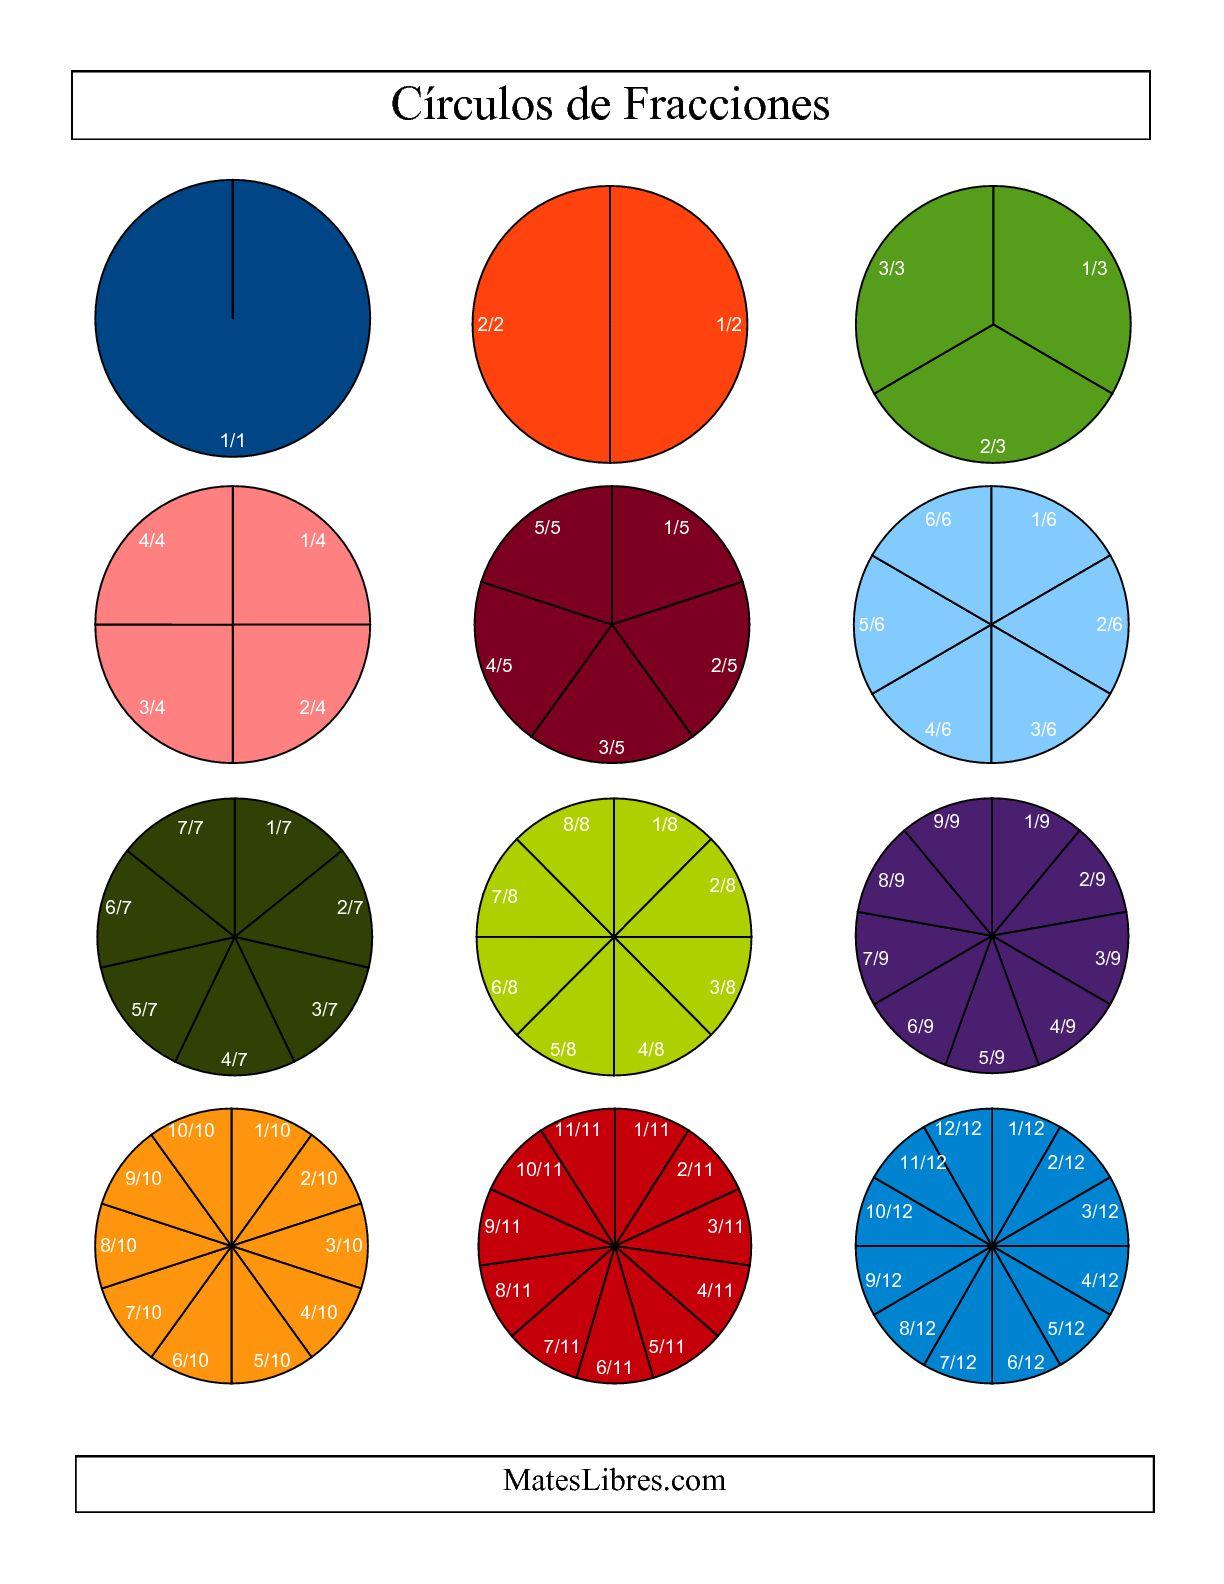 La Círculos de Colores de Fracciones con Etiquetas (Pequeño) (D) Hoja de Ejercicio de Fracciones